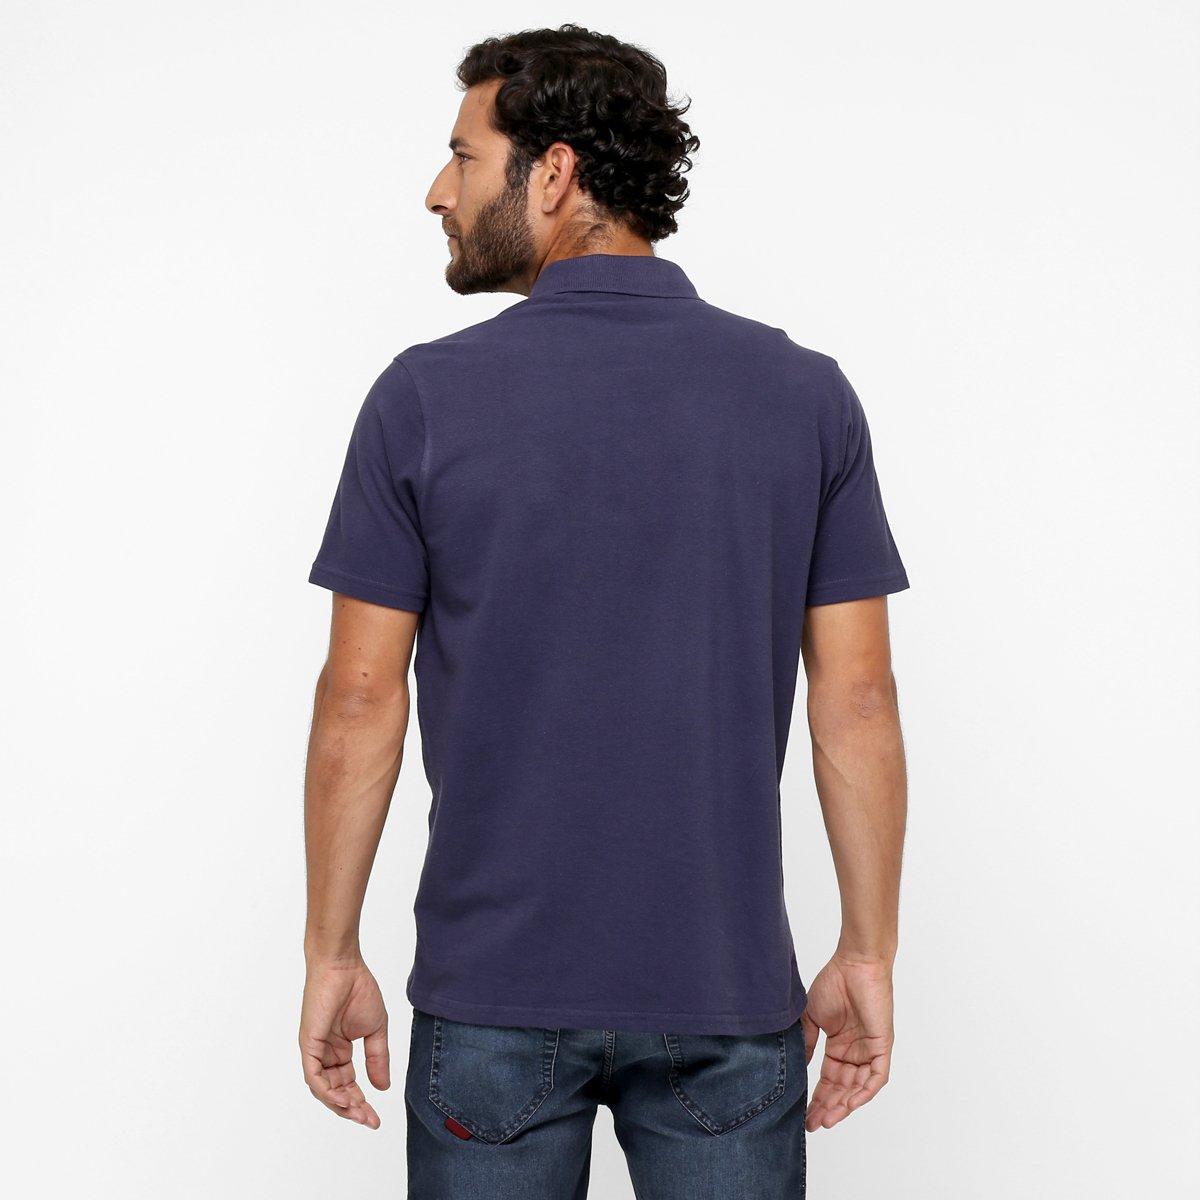 Camisa Polo Oakley Mod Essential Elipse - Roxo - Compre Agora  03ac4e9280f